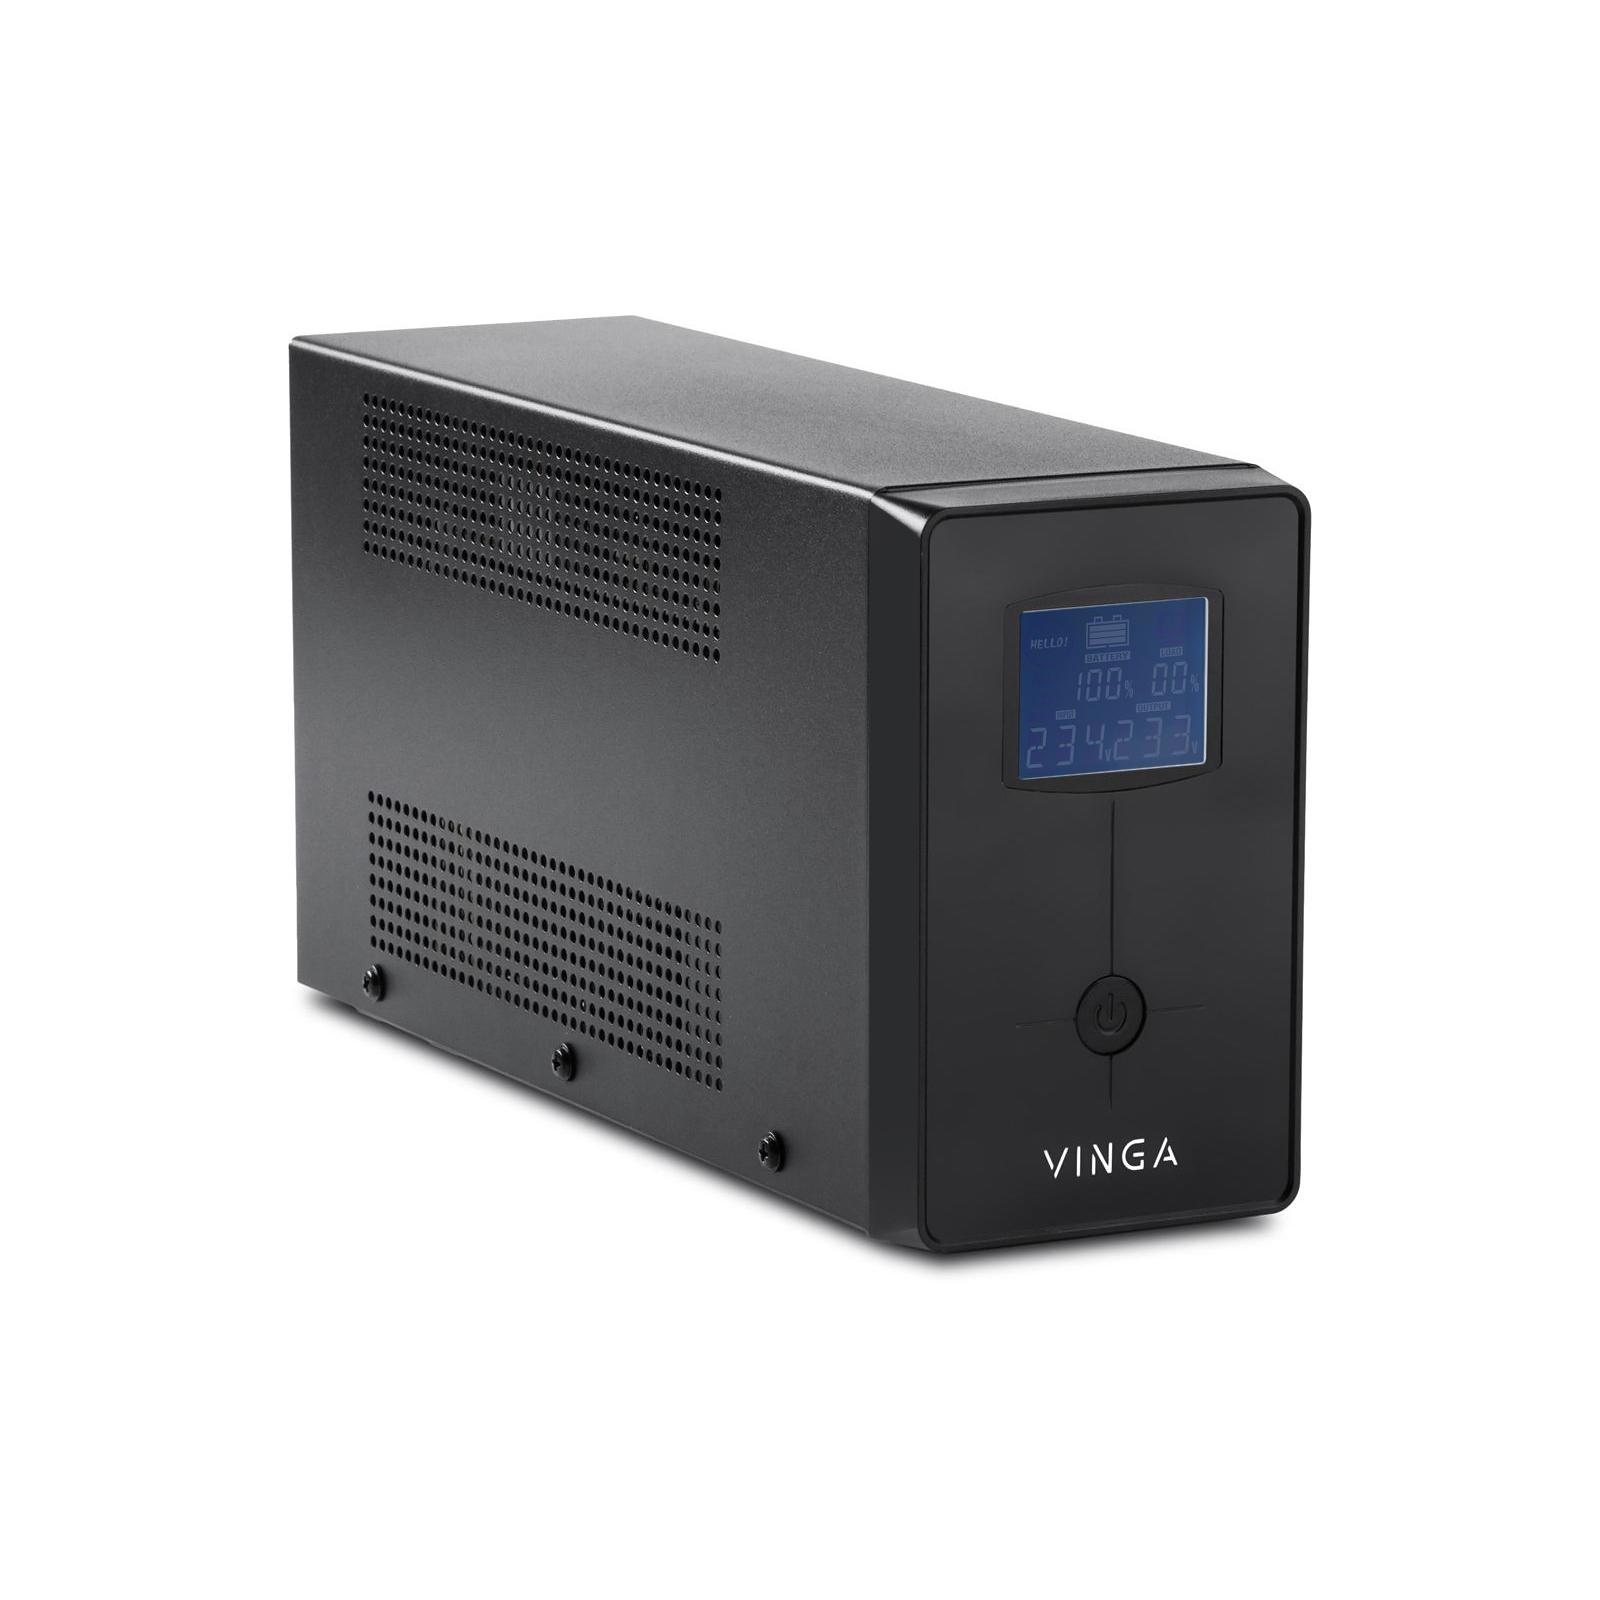 Источник бесперебойного питания Vinga LCD 600VA metal case with USB (VPC-600MU) изображение 4